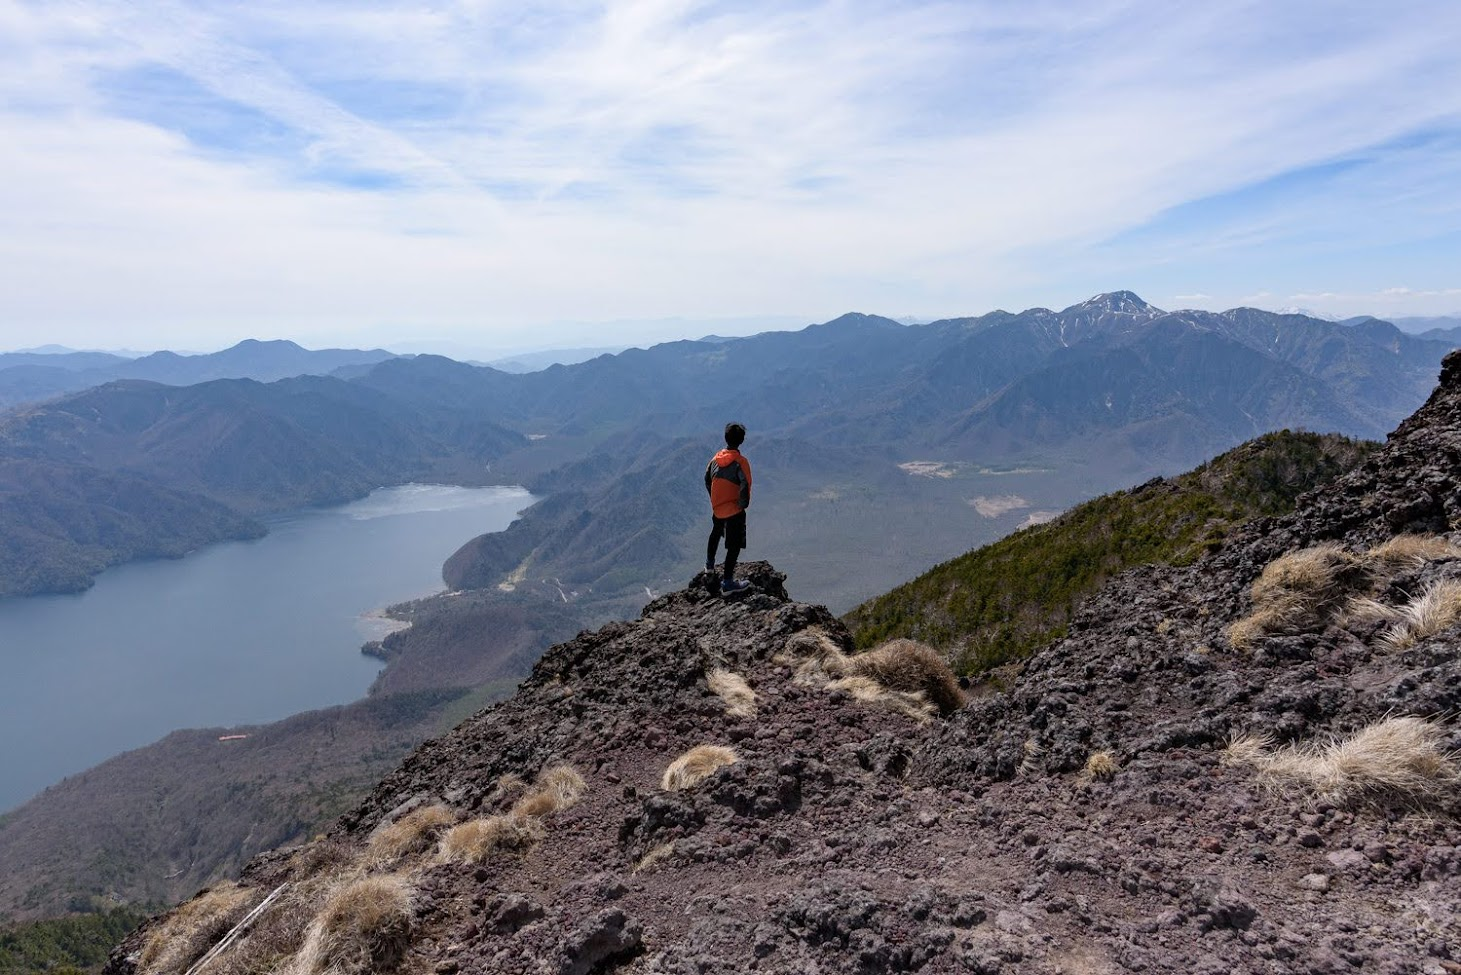 【旅17日目】華厳の滝と栃木の名峰「男体山」登山からのゲストハウスでのBBQ!